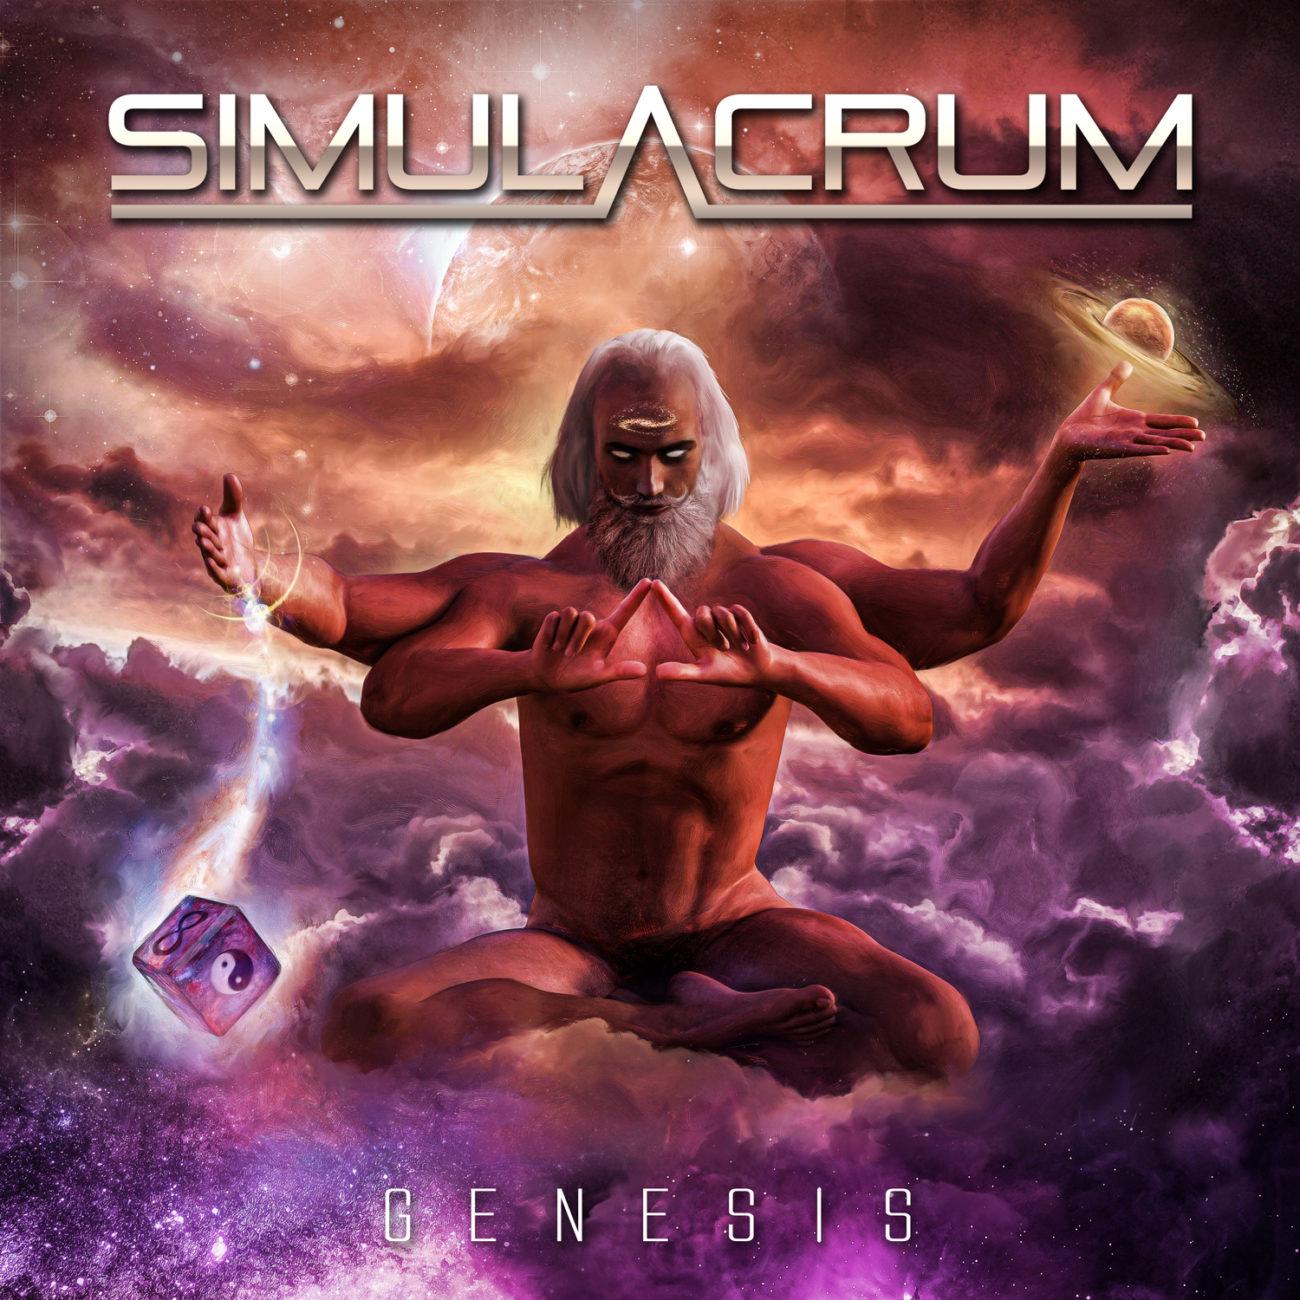 Simulacrum syntyy uudelleen Genesiksellä